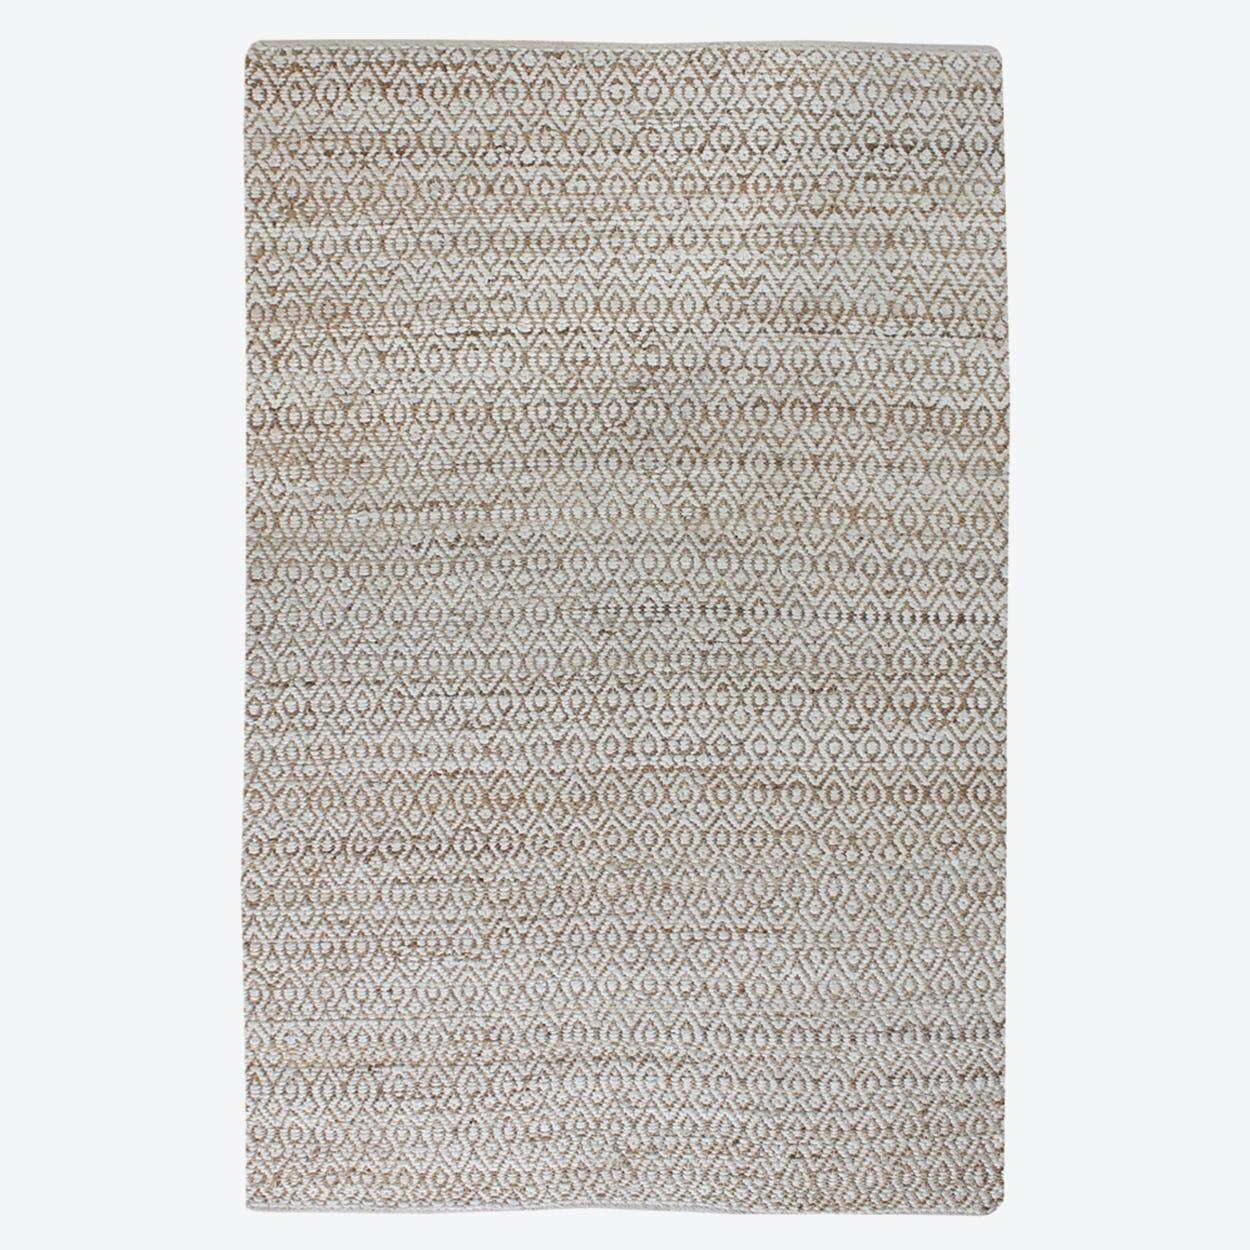 IKARY Rug in Ivory (160x230)